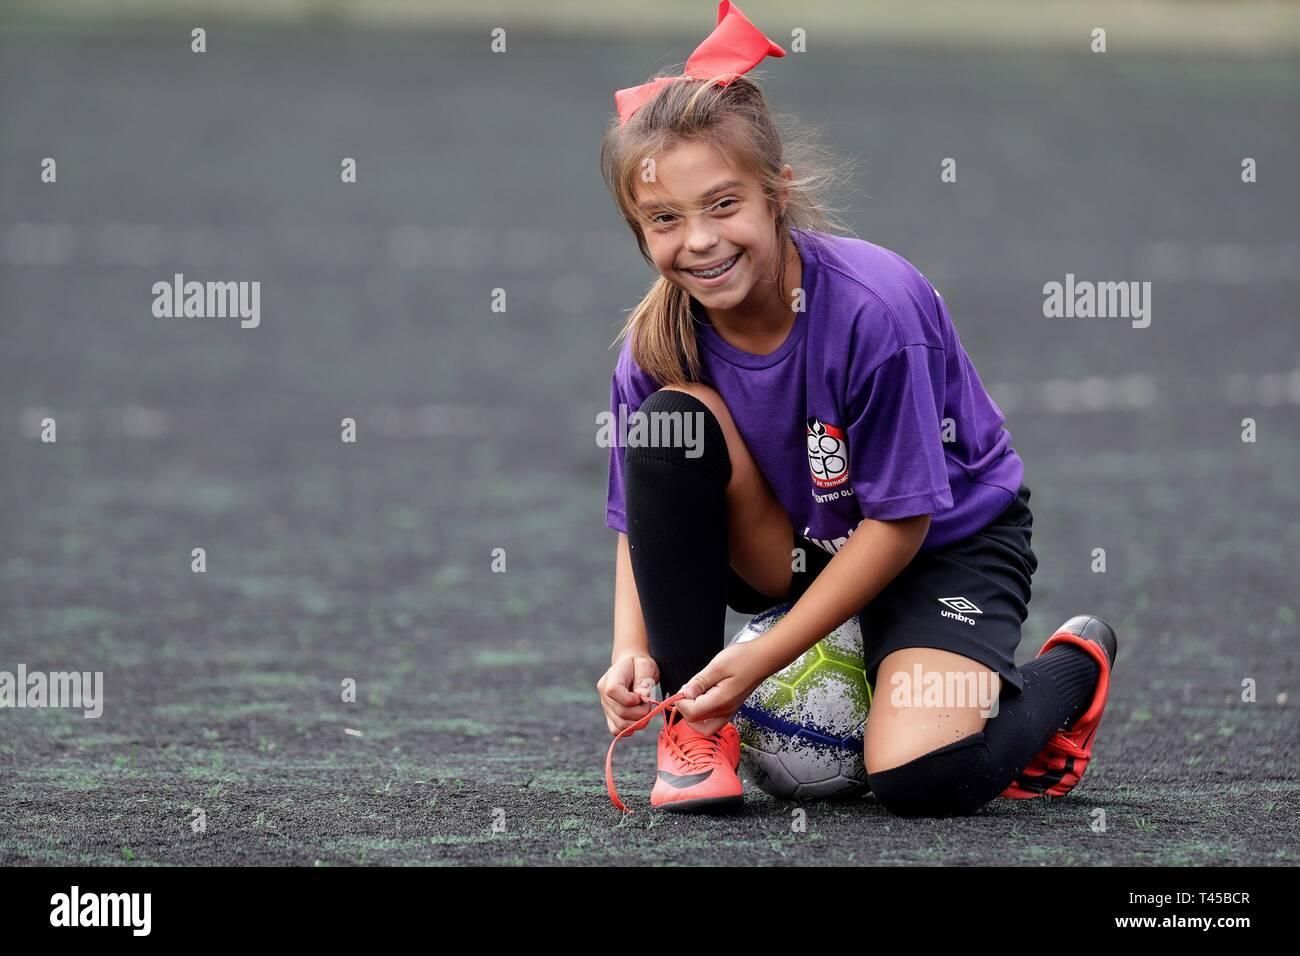 Natalia Pereira, un 9-ans Brazilian soccer player, pose pour le photographe à Sao Paulo, Brésil, le 11 avril 2019 (publié le 14 avril 2019). Natalia, la première femme membre d'une équipe de soccer masculine junior au Brésil, a joué son premier match en U-10 de soccer jeu avec son équipe disponible le 13 avril. Bien que la règle est les filles veulent jouer dans les équipes d'hommes jusqu'à 13 ans, les faits sont différents. Très peu de filles ont l'occasion de faire un test d'aptitude en équipes. Natalia a été très heureuse quand elle a réussi à passer le test dans l'équipe à se procurer. L'EFE/ Sebastiao Moreira Photo Stock